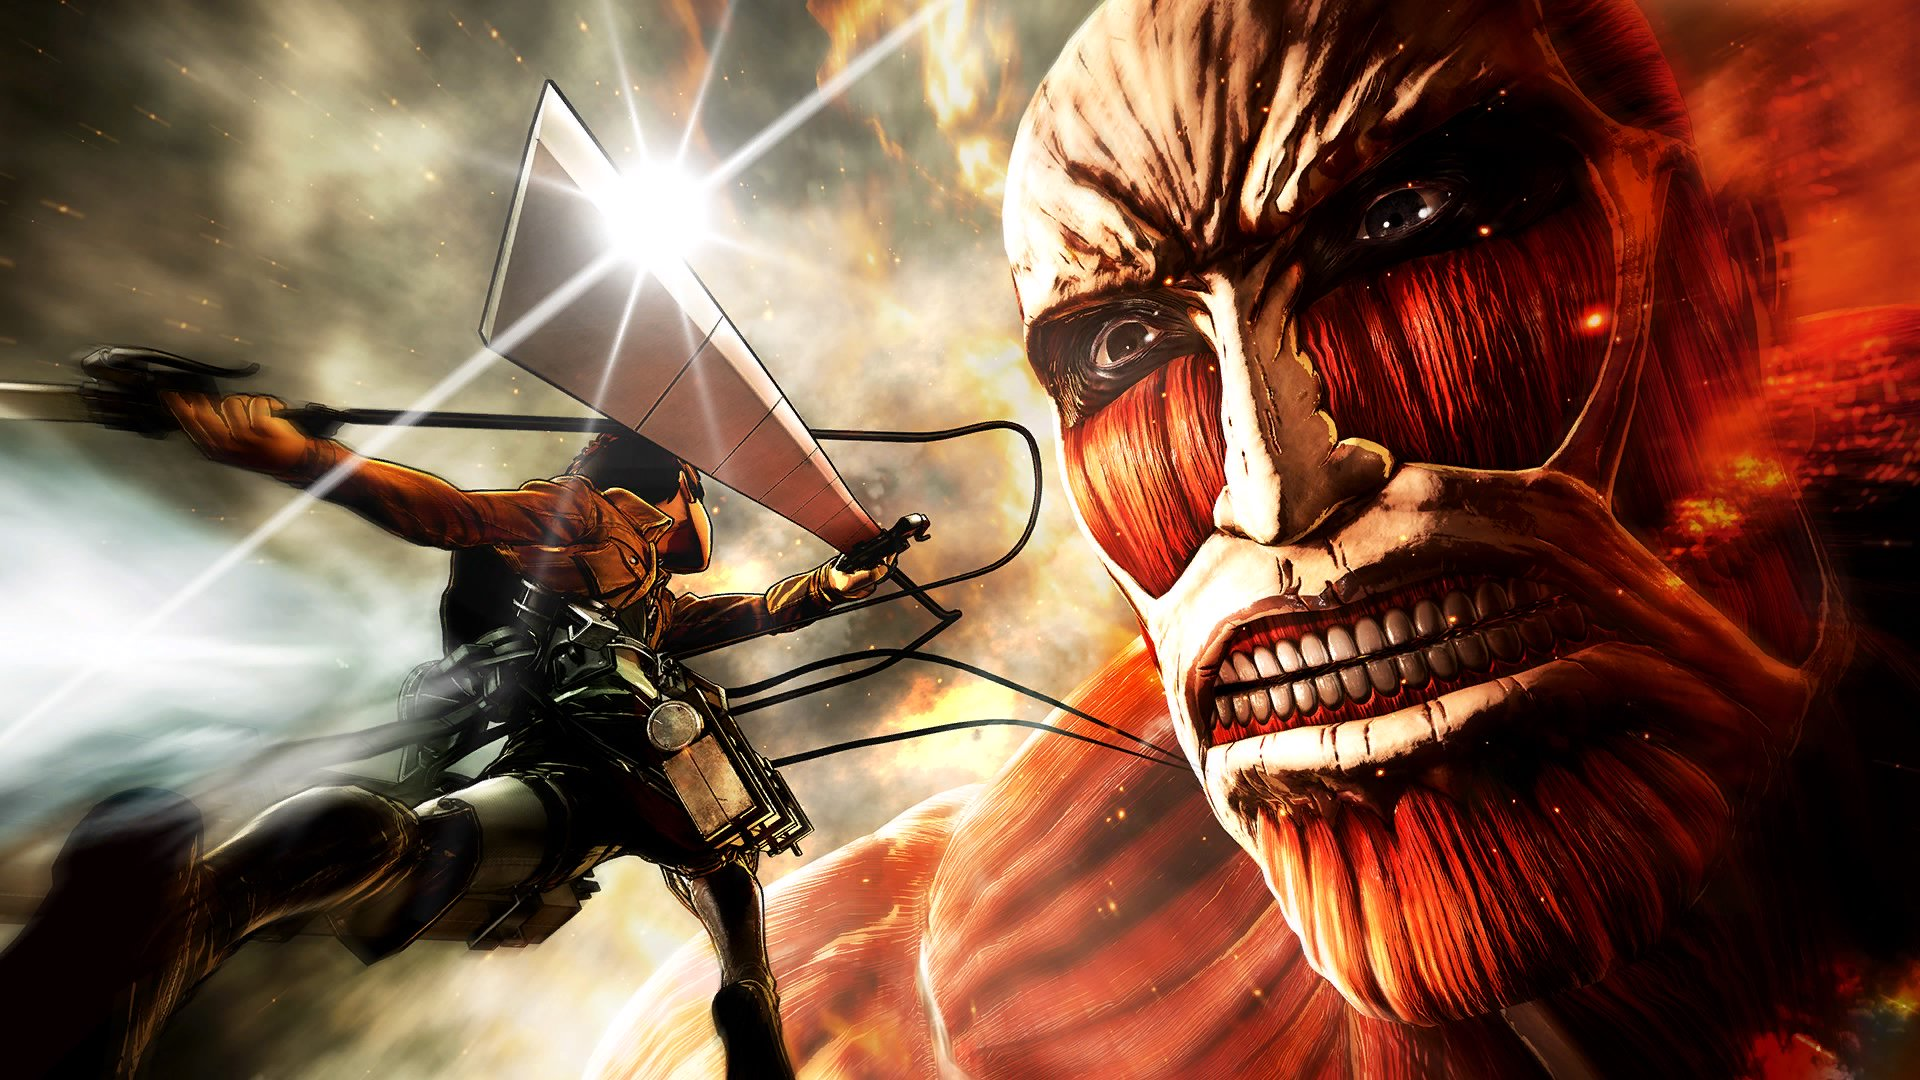 Japão: Varejista fala sobre as vendas de Attack on Titan 2 no Nintendo Switch